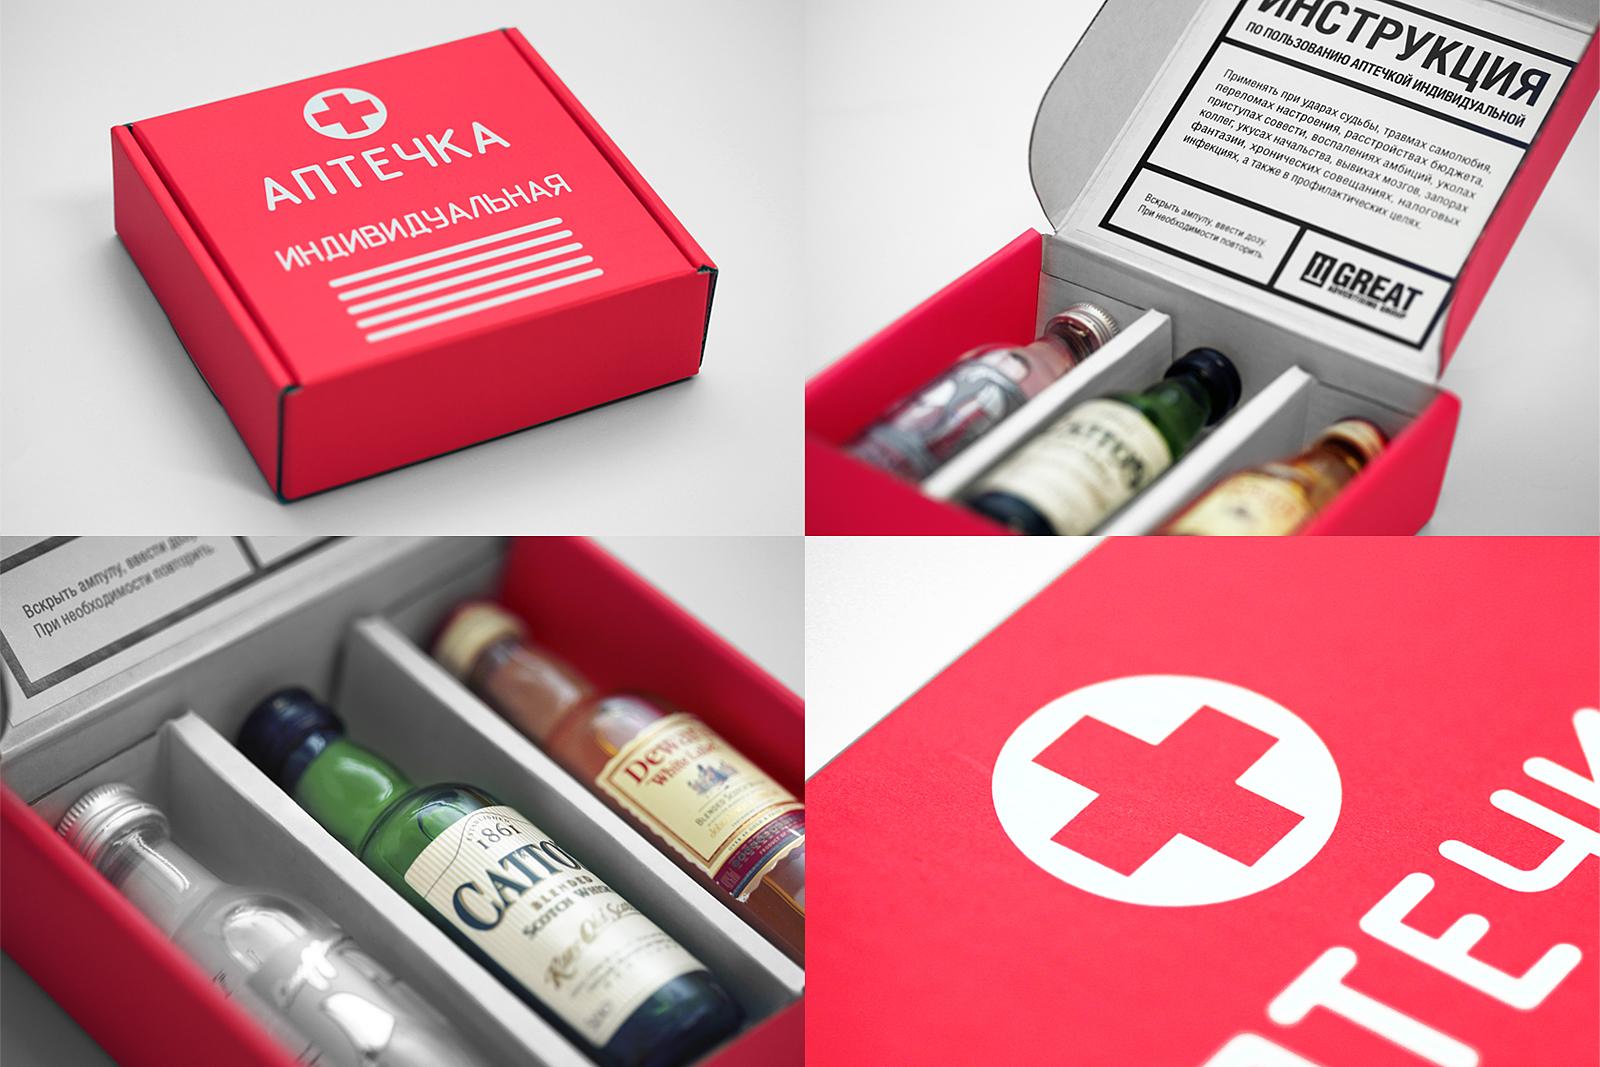 Прикольная аптечка в подарок на день рождения